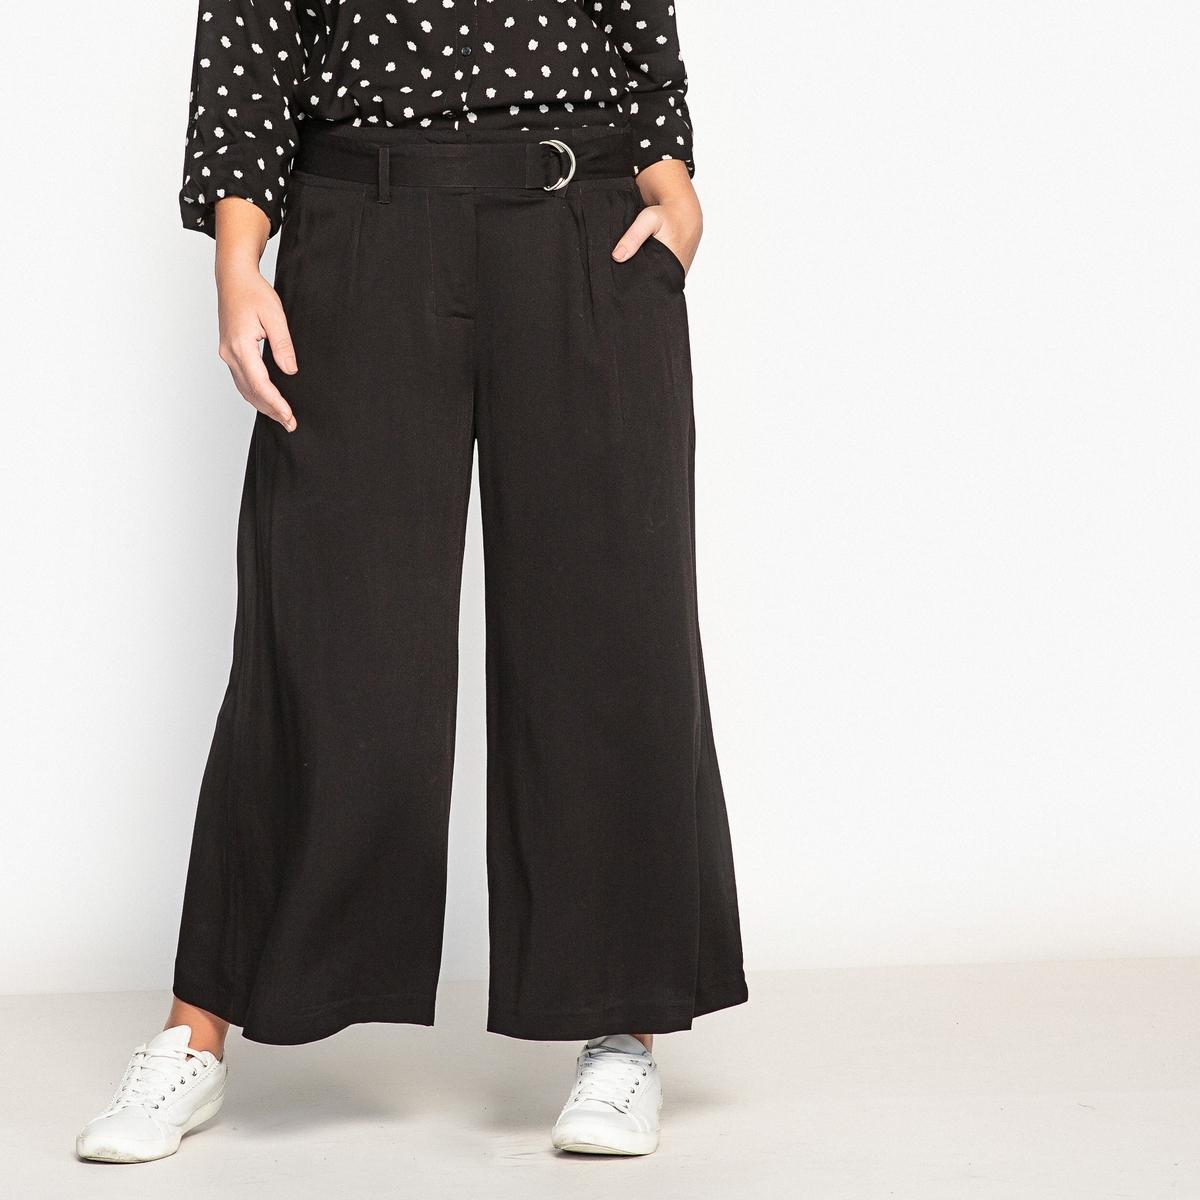 Брюки свободные, широкиеОписание:Красивые широкие брюки в стиле 70-х годов. Укороченные широкие брюки идеально смотрятся с кедами, создавая образ в изящном и свободном стиле.Детали •  Широкий покрой   •  Стандартная высота пояса •  Регулируемый пояс Состав и уход •  100% вискоза •  Температура стирки 30°   •  Сухая чистка и отбеливание запрещены •  Не использовать барабанную сушку   •  Низкая температура глажки Товар из коллекции больших размеров •  2 боковых кармана. •  Длина по внутр.шву 60 см, ширина по низу 46,8 см<br><br>Цвет: черный<br>Размер: 50 (FR) - 56 (RUS).46 (FR) - 52 (RUS).48 (FR) - 54 (RUS)